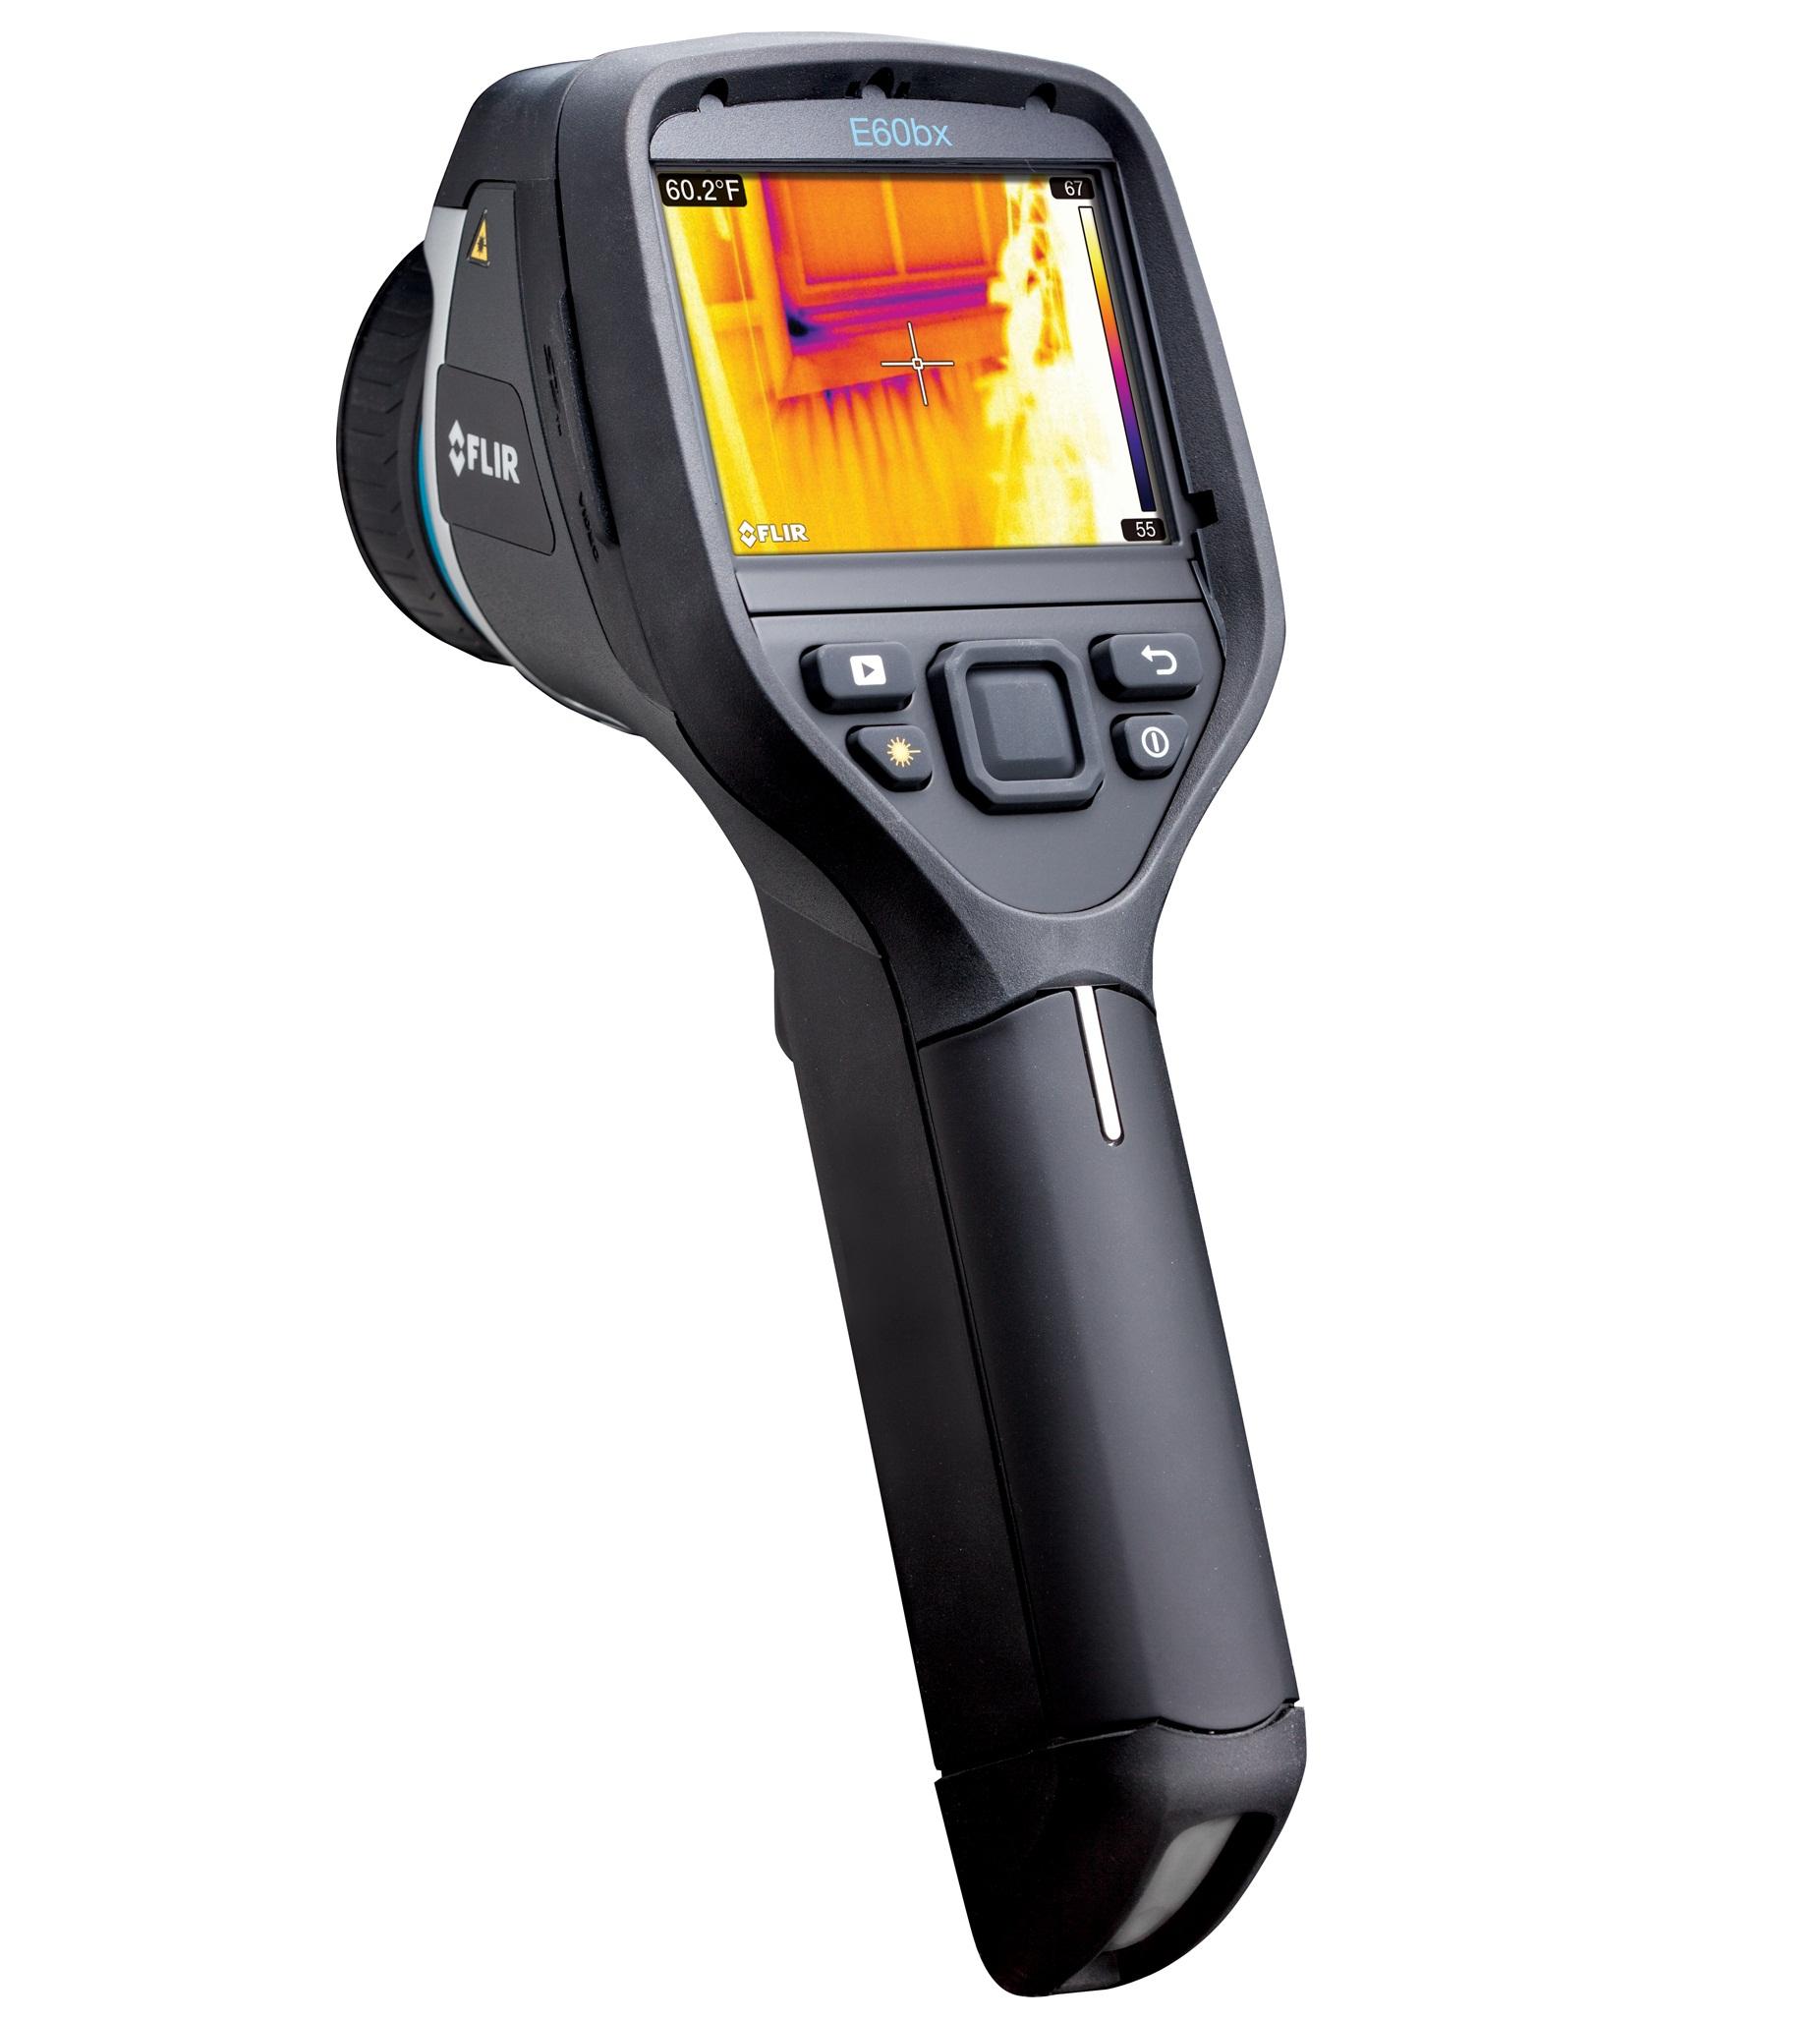 FLIR Exx-bx (E50bx, E60bx) infra hőkamerák